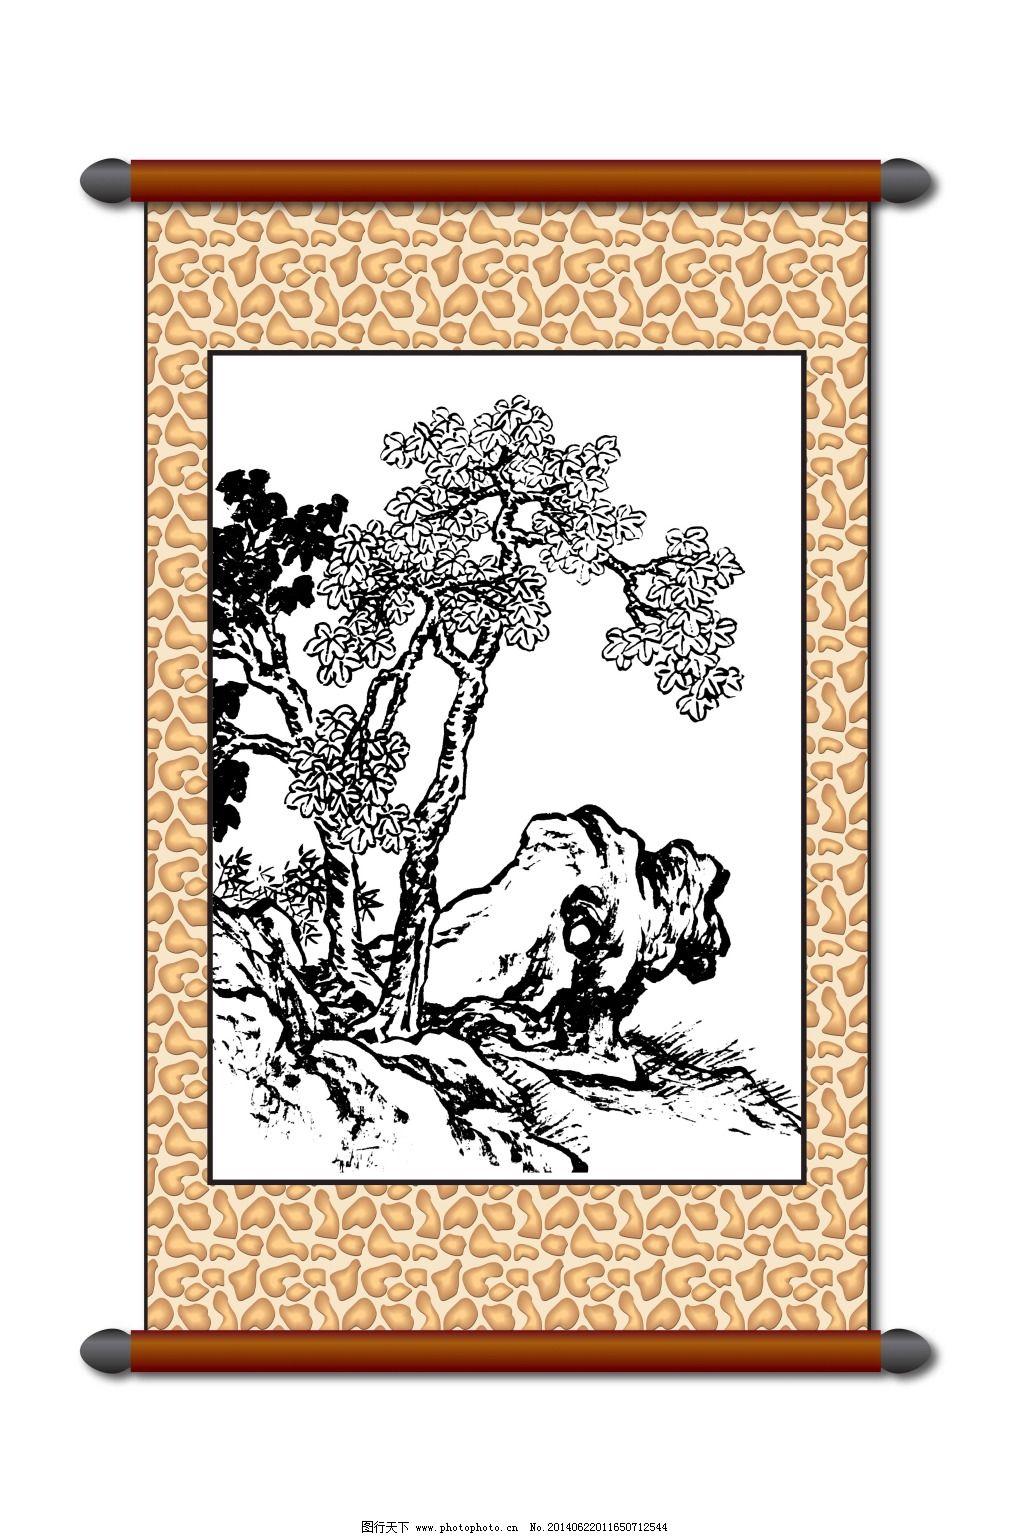 白描 白描山水 传统图案 刺绣 刺绣图案 风景画 工笔 挂画 画框